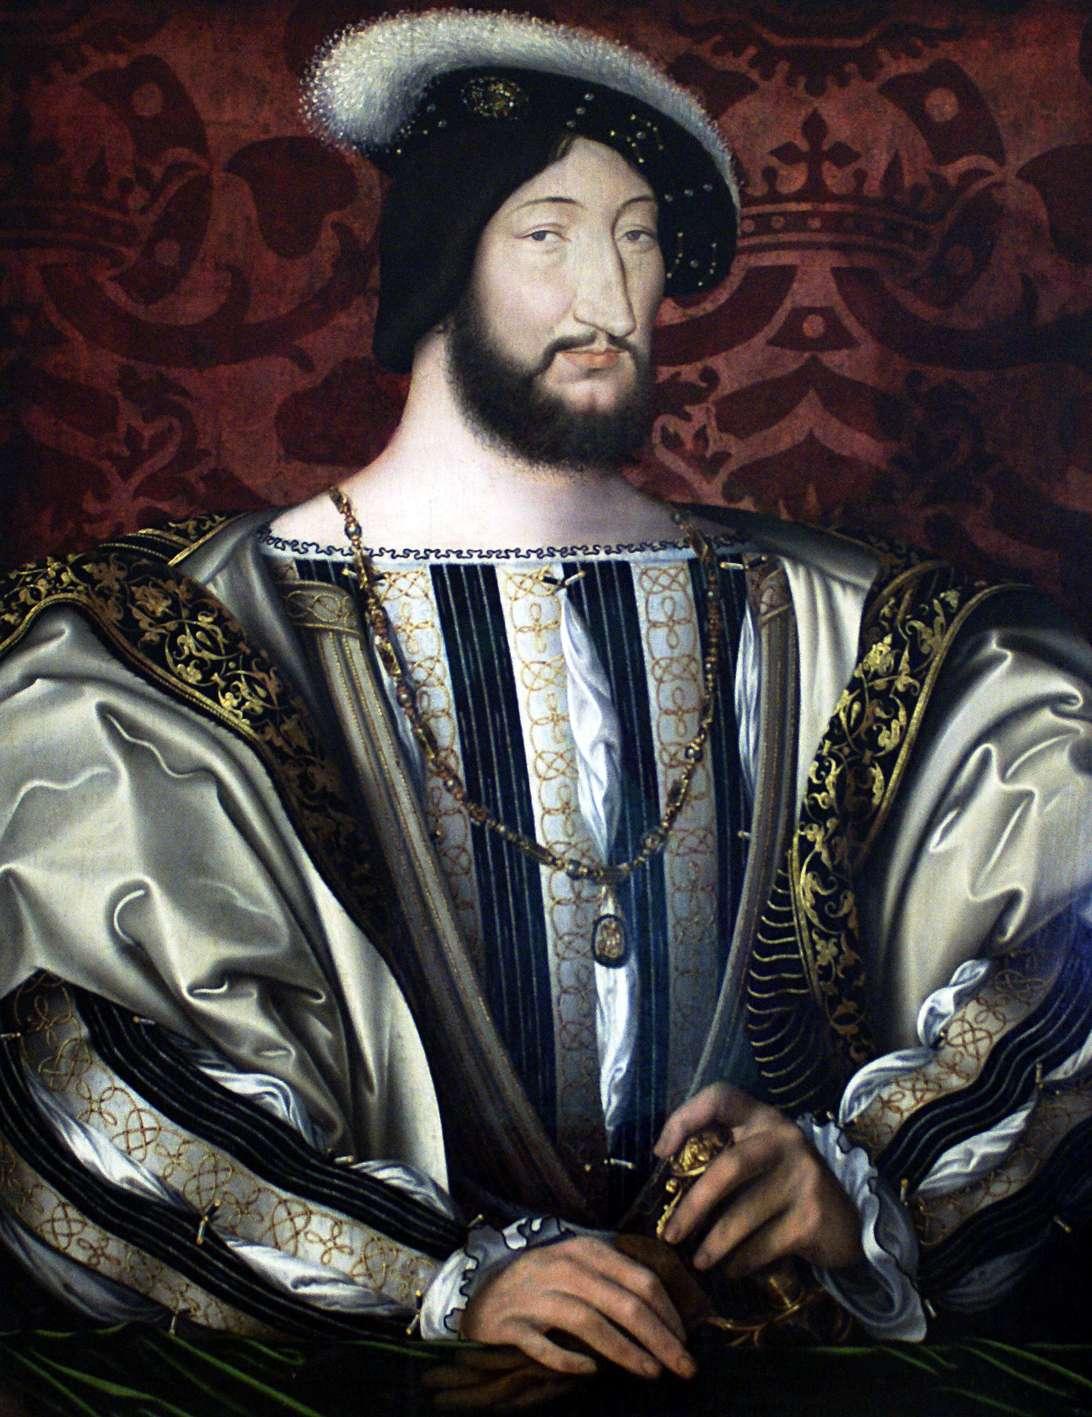 Portrait de François Ier. Sous son règne, il a favorisé le développement des arts et les lettres. © Jean Clouet, Wikimedia Commons, DP